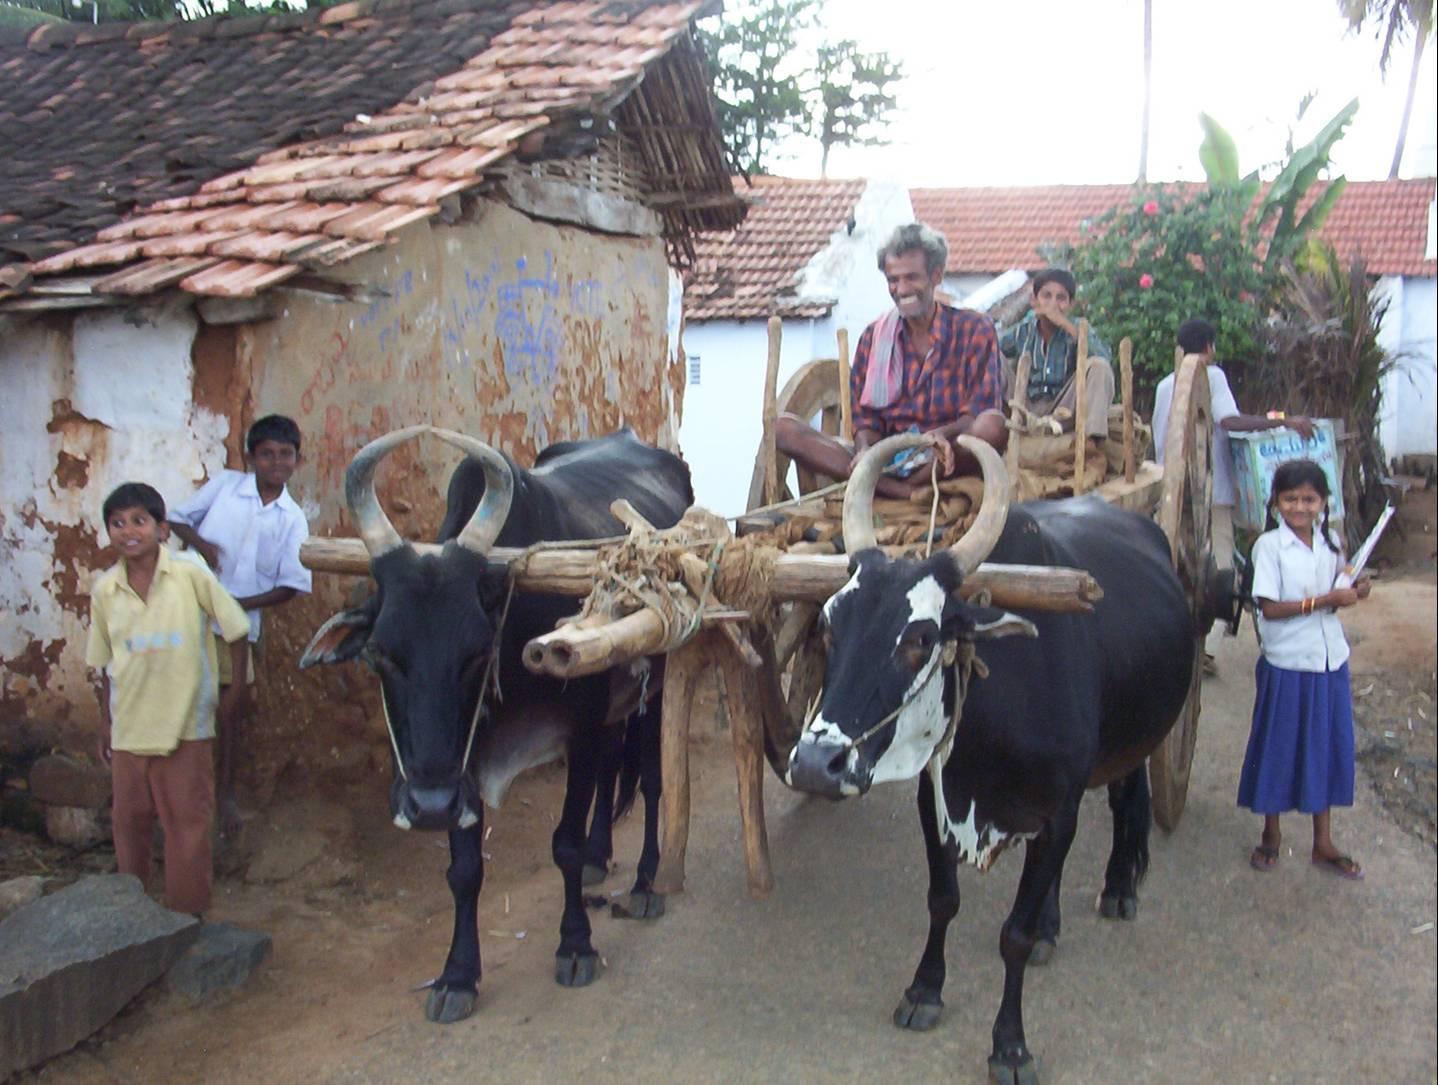 Ox cart on Main Street